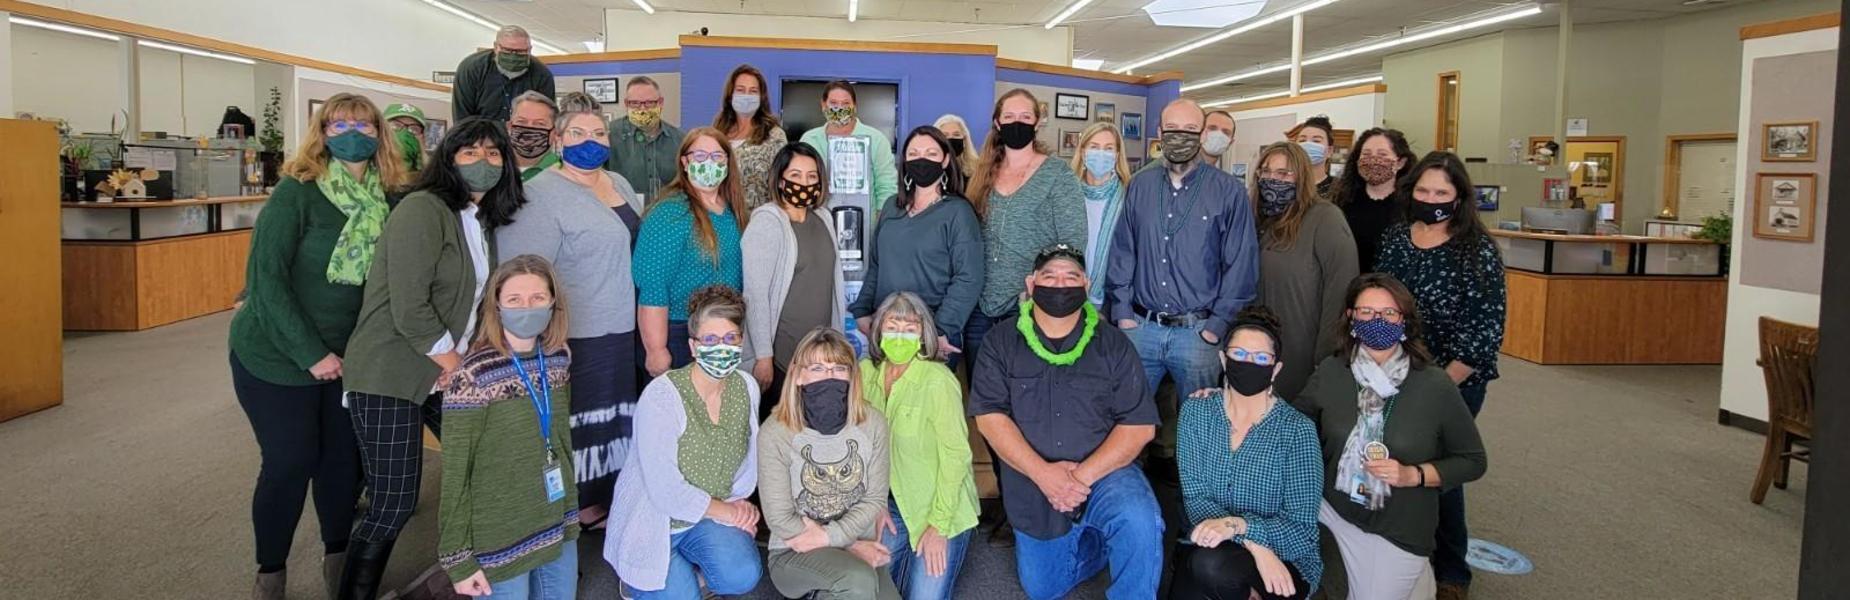 CCOE employees wear green